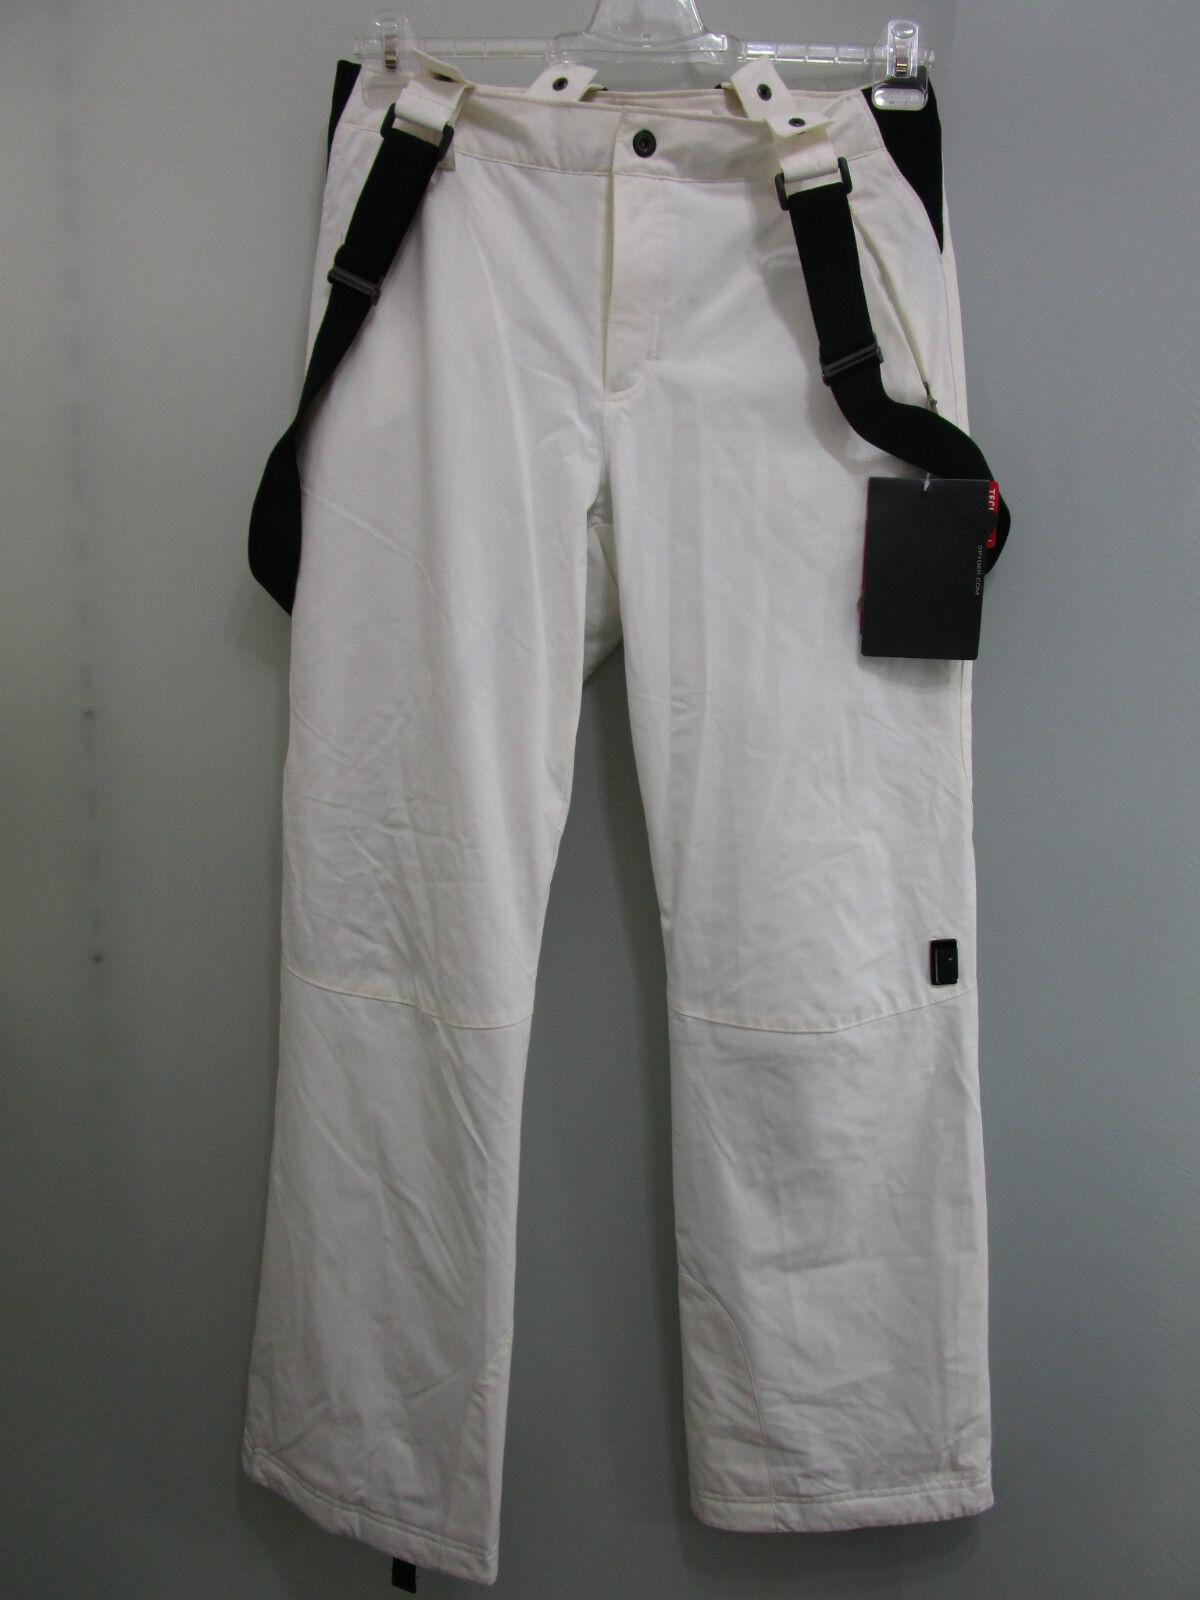 NEU Spyder  14976 Ruby TailGoldt Fit Pant Skihose Größe 42 in Ivory